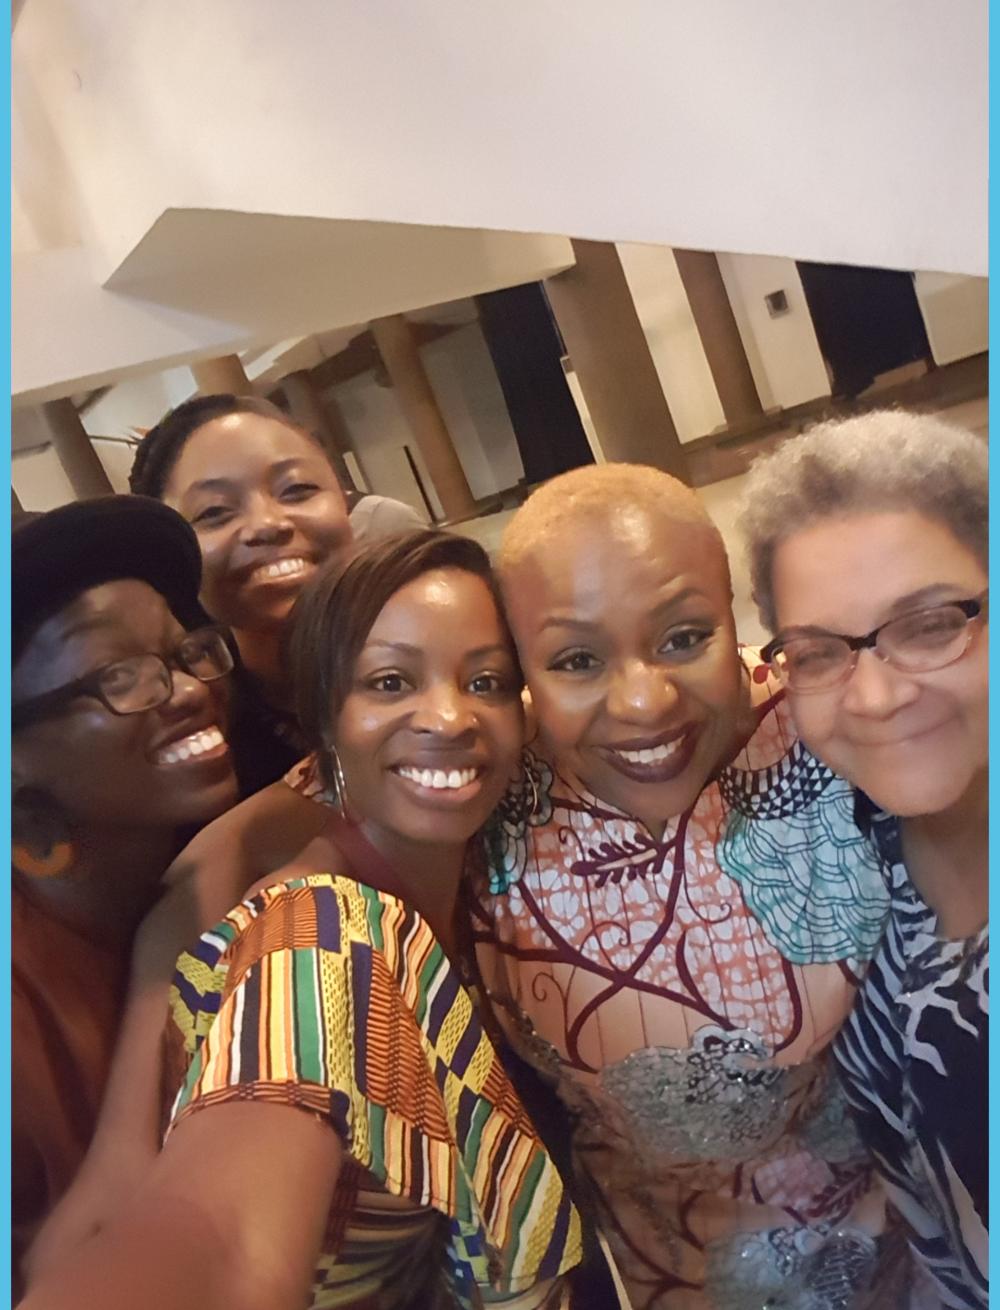 L-R - Timehin Adegbeye (Writer & speaker), Arit Okpo, me, Lola Shoneyin (author & founder of Ake Festival) and Aduke Gomez (poet)